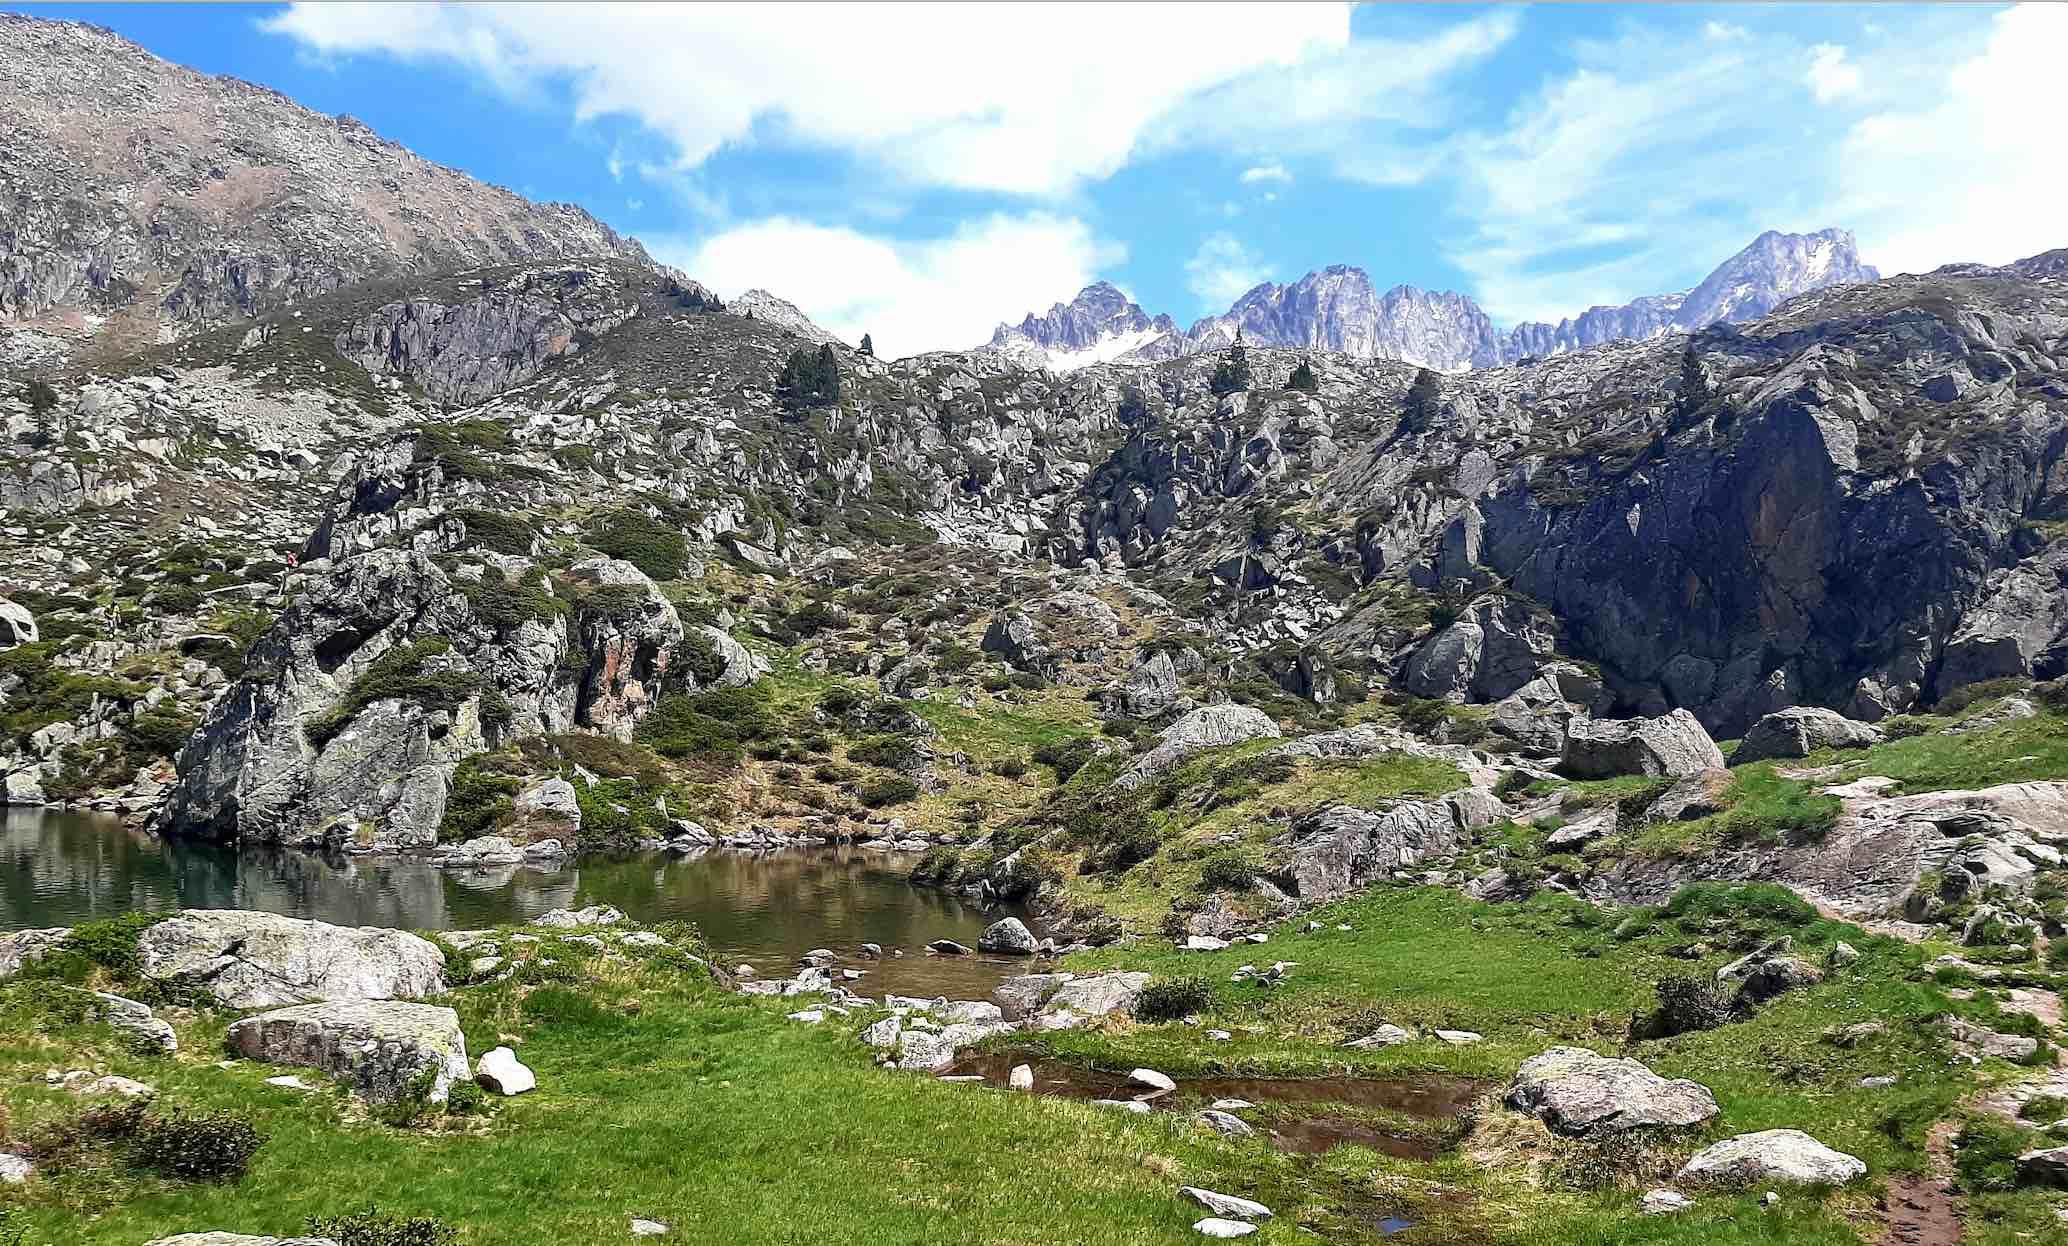 Paysage de montagne à proximité de la station thermale de Barèges-Barzun